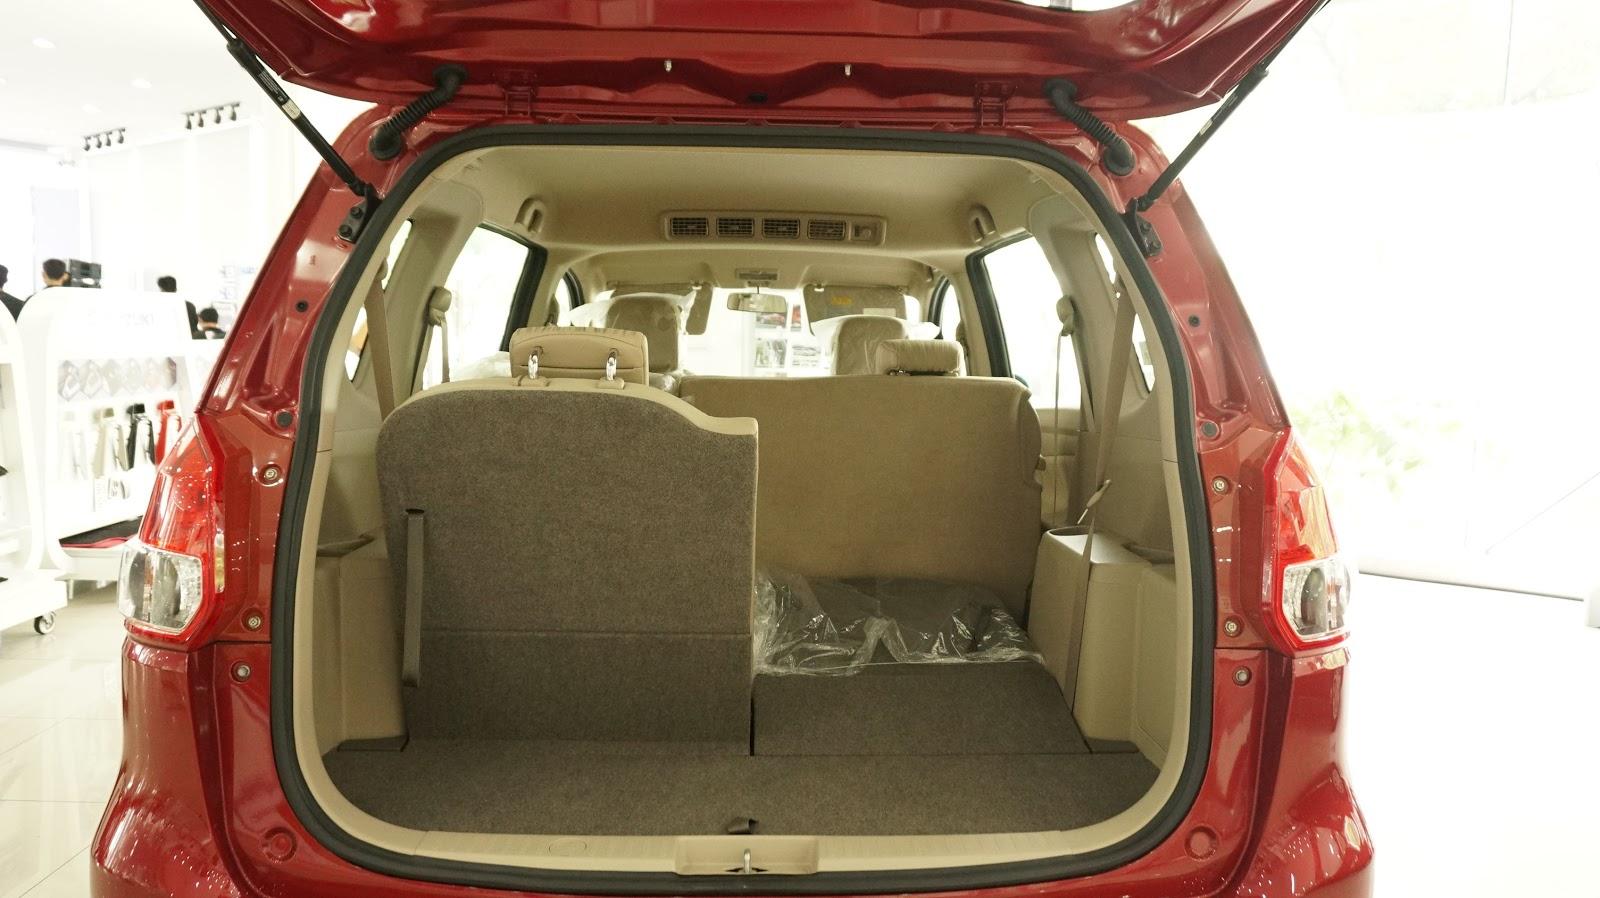 Hàng ghế thứ ba của xe phù hợp với người nhỏ hoặc trẻ em, có thể gập xuống để chở hành lý, phía sau và ở dưới vẫn còn nhiều không gian chở đồ, rất tiện lợi